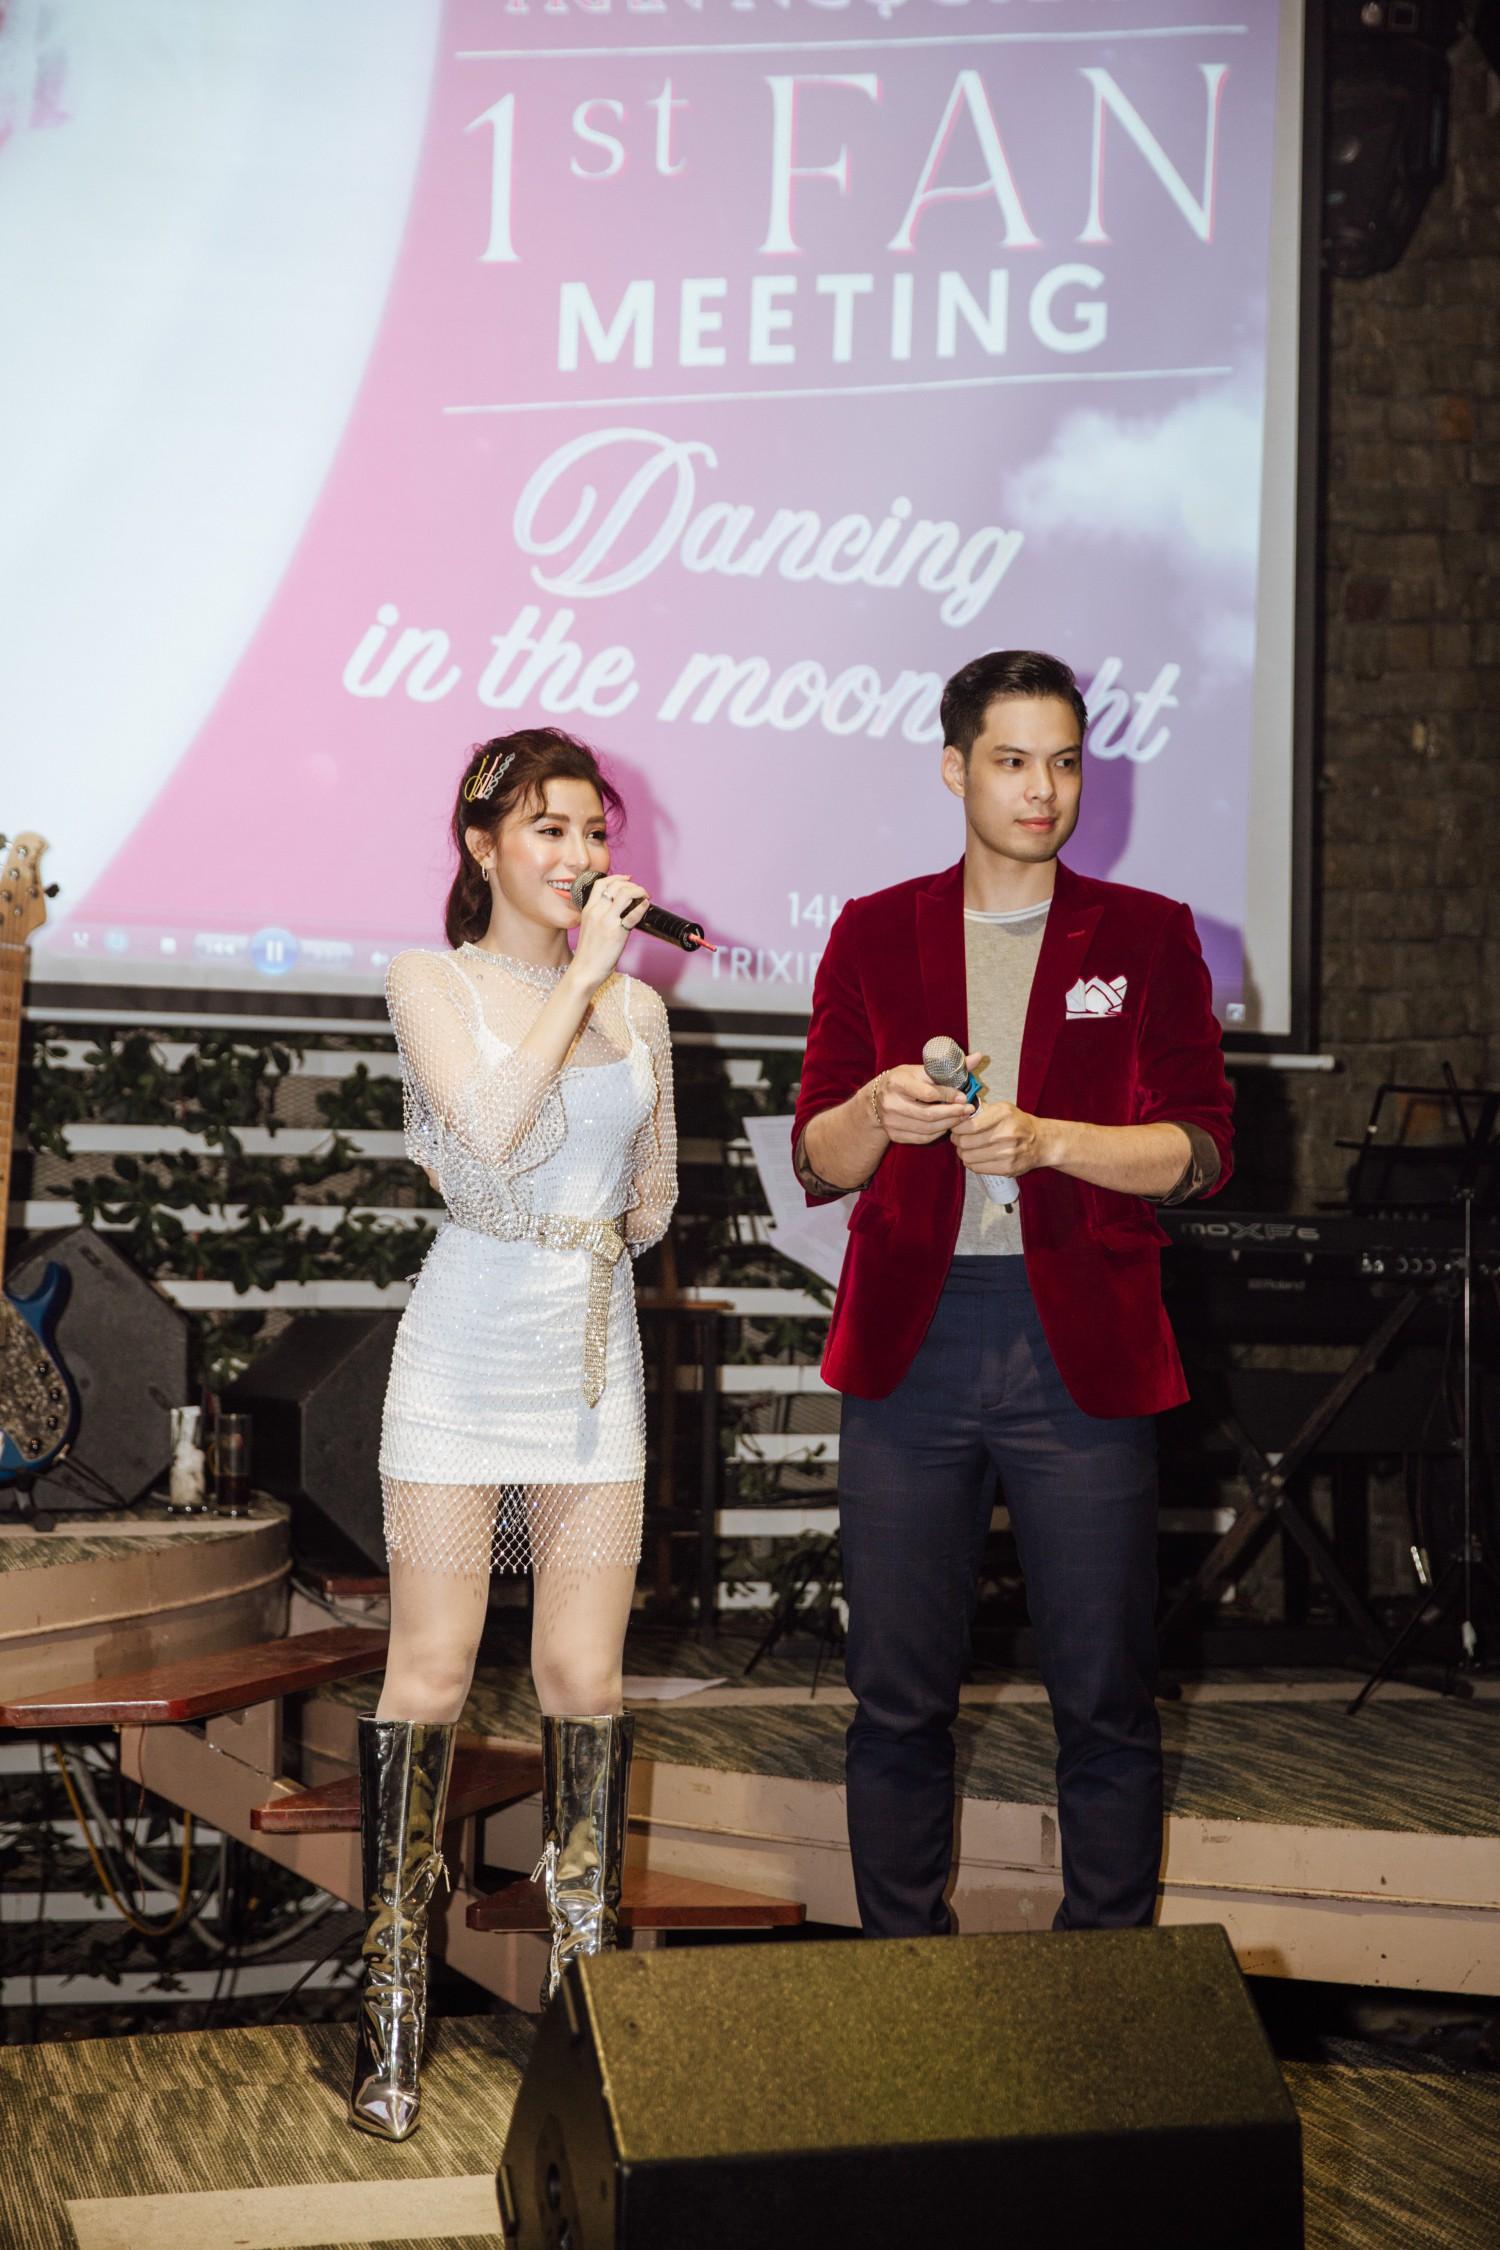 Quán quân The Voice 2018 - Trần Ngọc Ánh kể về những ngày đi hát kiếm tiền để chữa bệnh hạt xơ thanh quản - Ảnh 3.